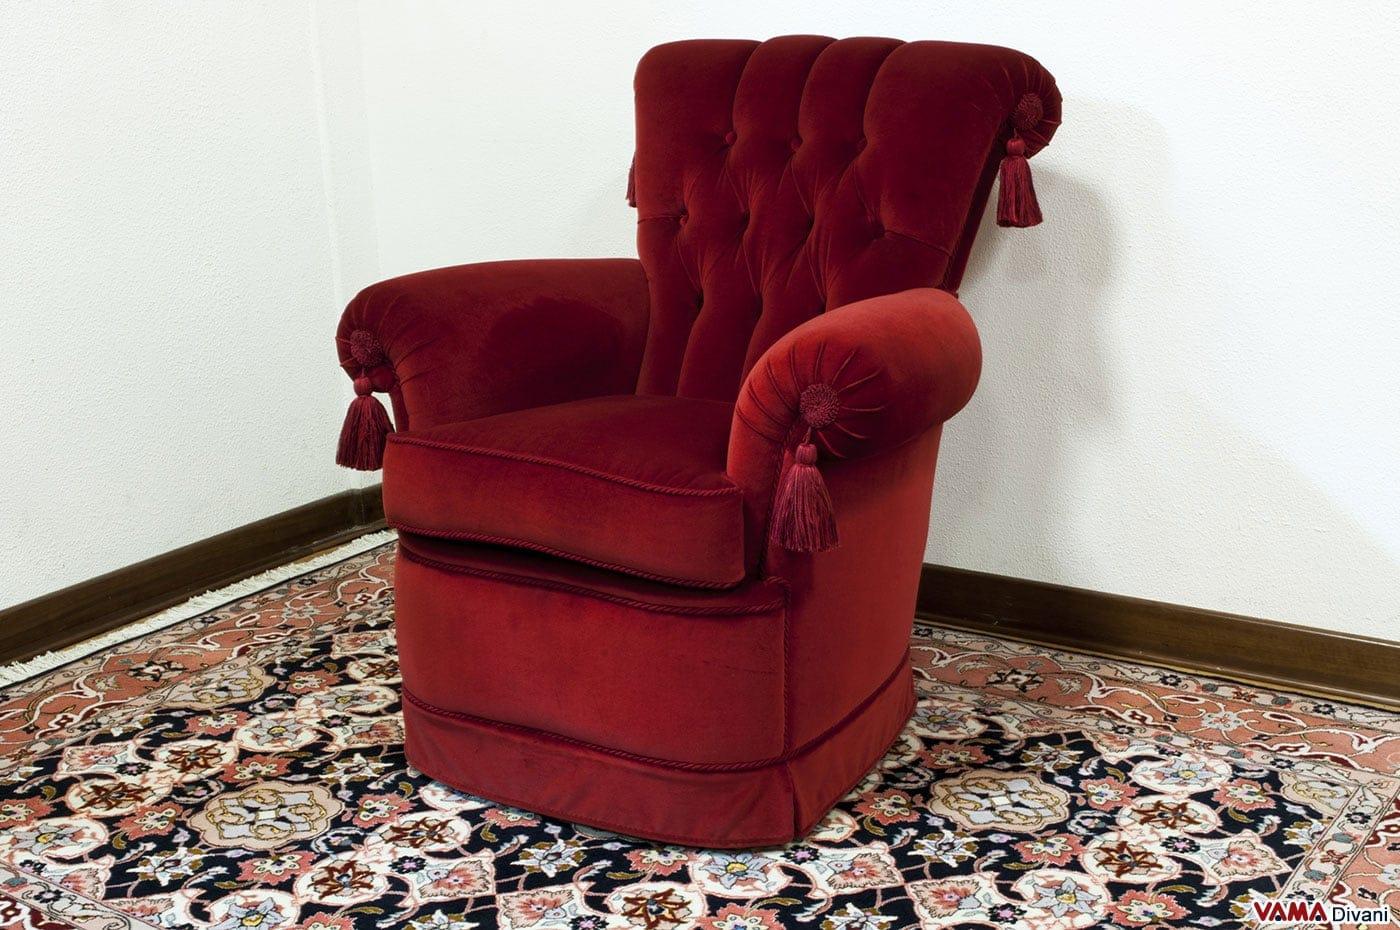 Poltroncina da camera da letto classica in tessuto e pelle - Poltroncina camera da letto ...